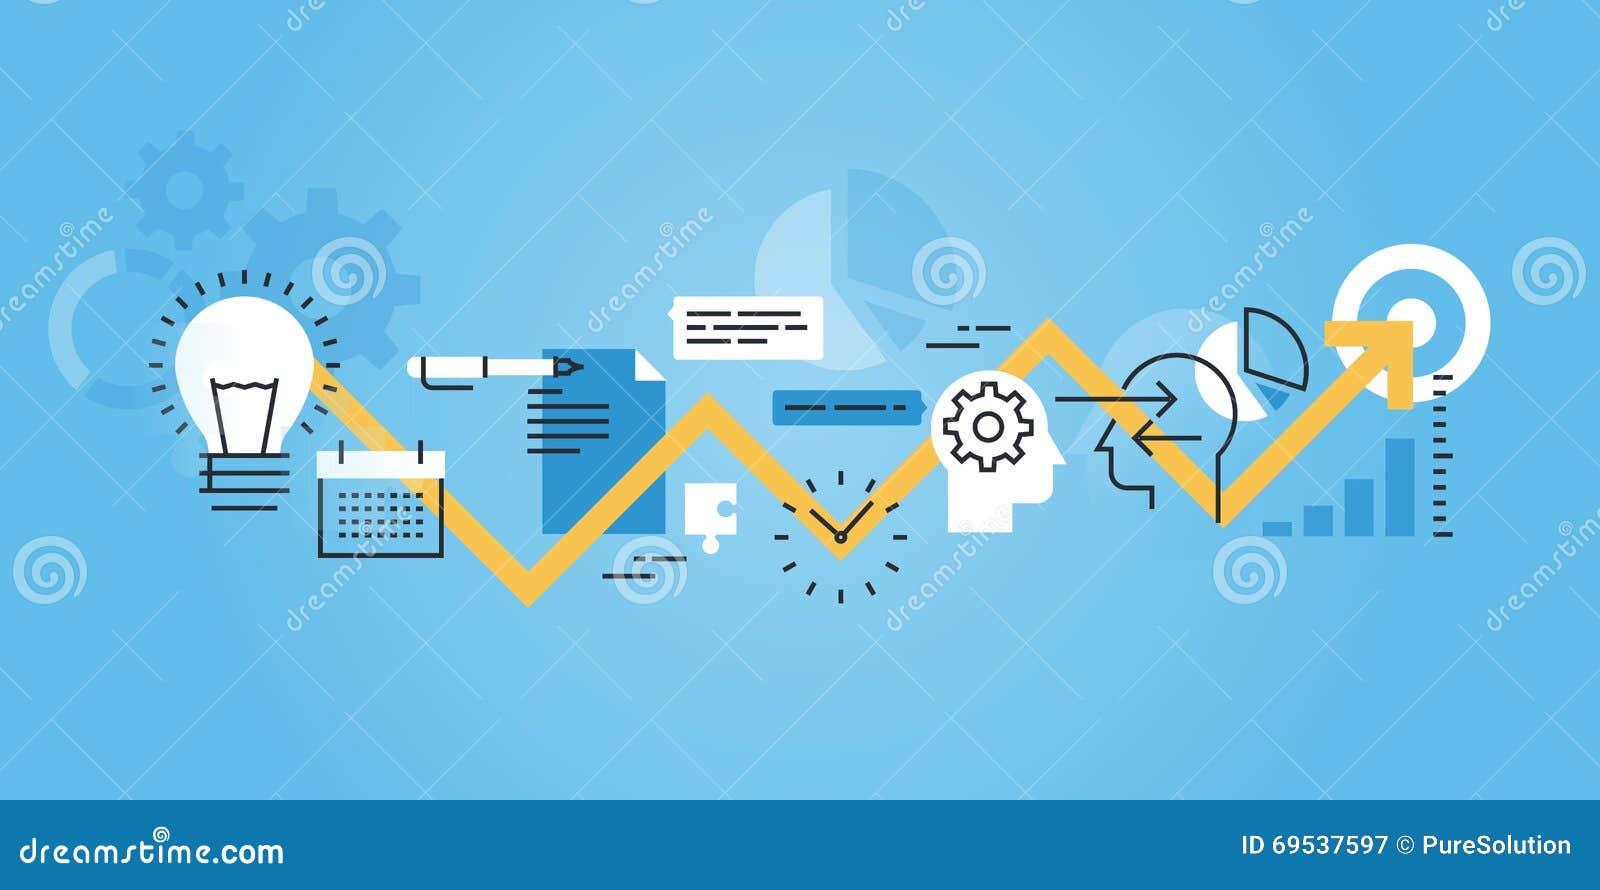 Plan linje designwebsitebaner av utvecklingsprocessen, från idé till förverkligande